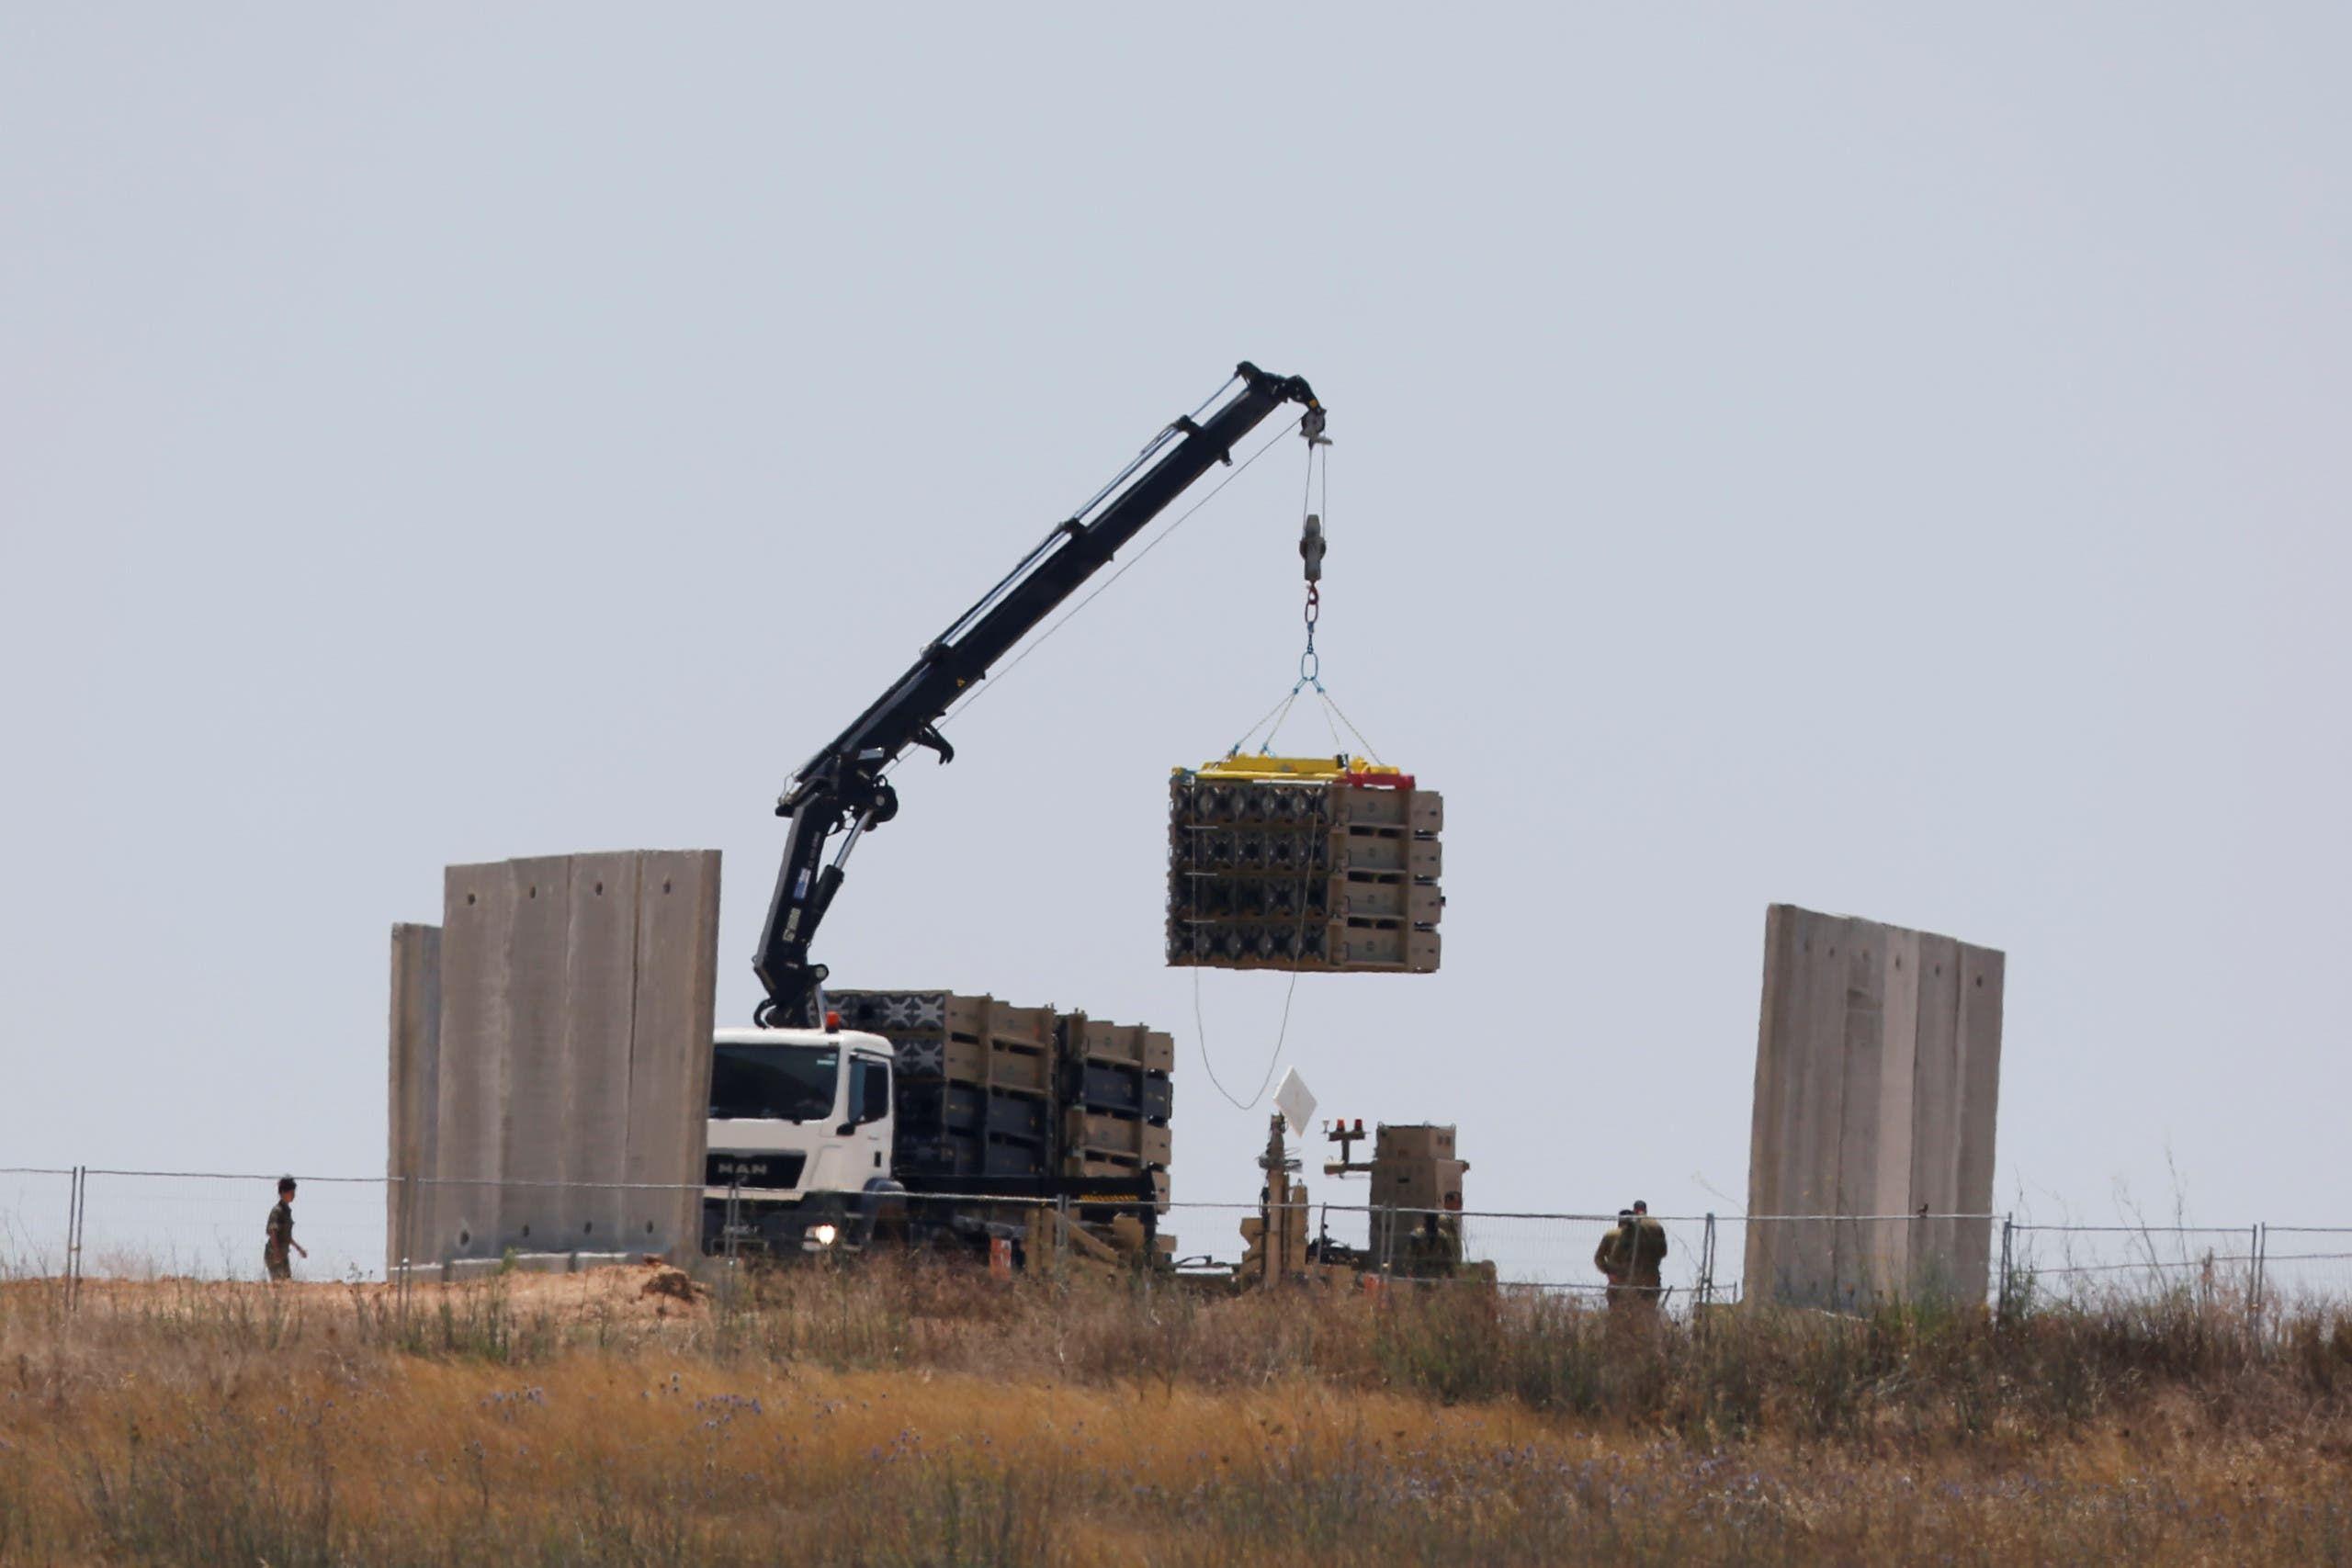 تركيب بطاريات من نظام القبة الحديدية في جنوب إسرائيل (أرشيفية)